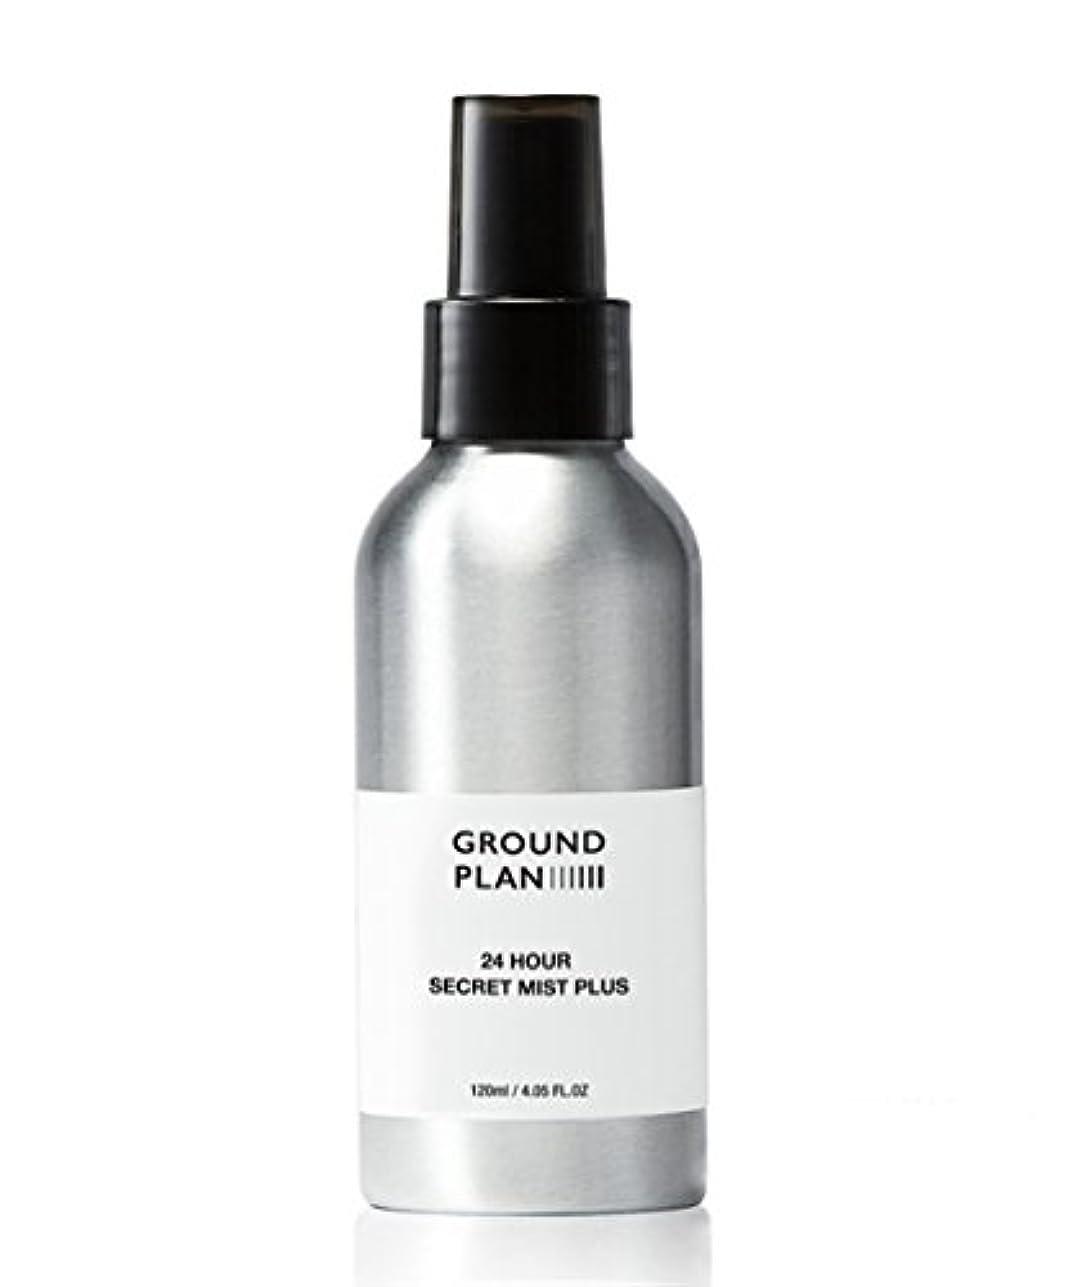 旧正月ラボ類似性[グラウンド?プラン] 24Hour 秘密 スキンミスト Plus Ground plan 24 Hour Secret Skin Mist Plus [海外直送品] (120ml)